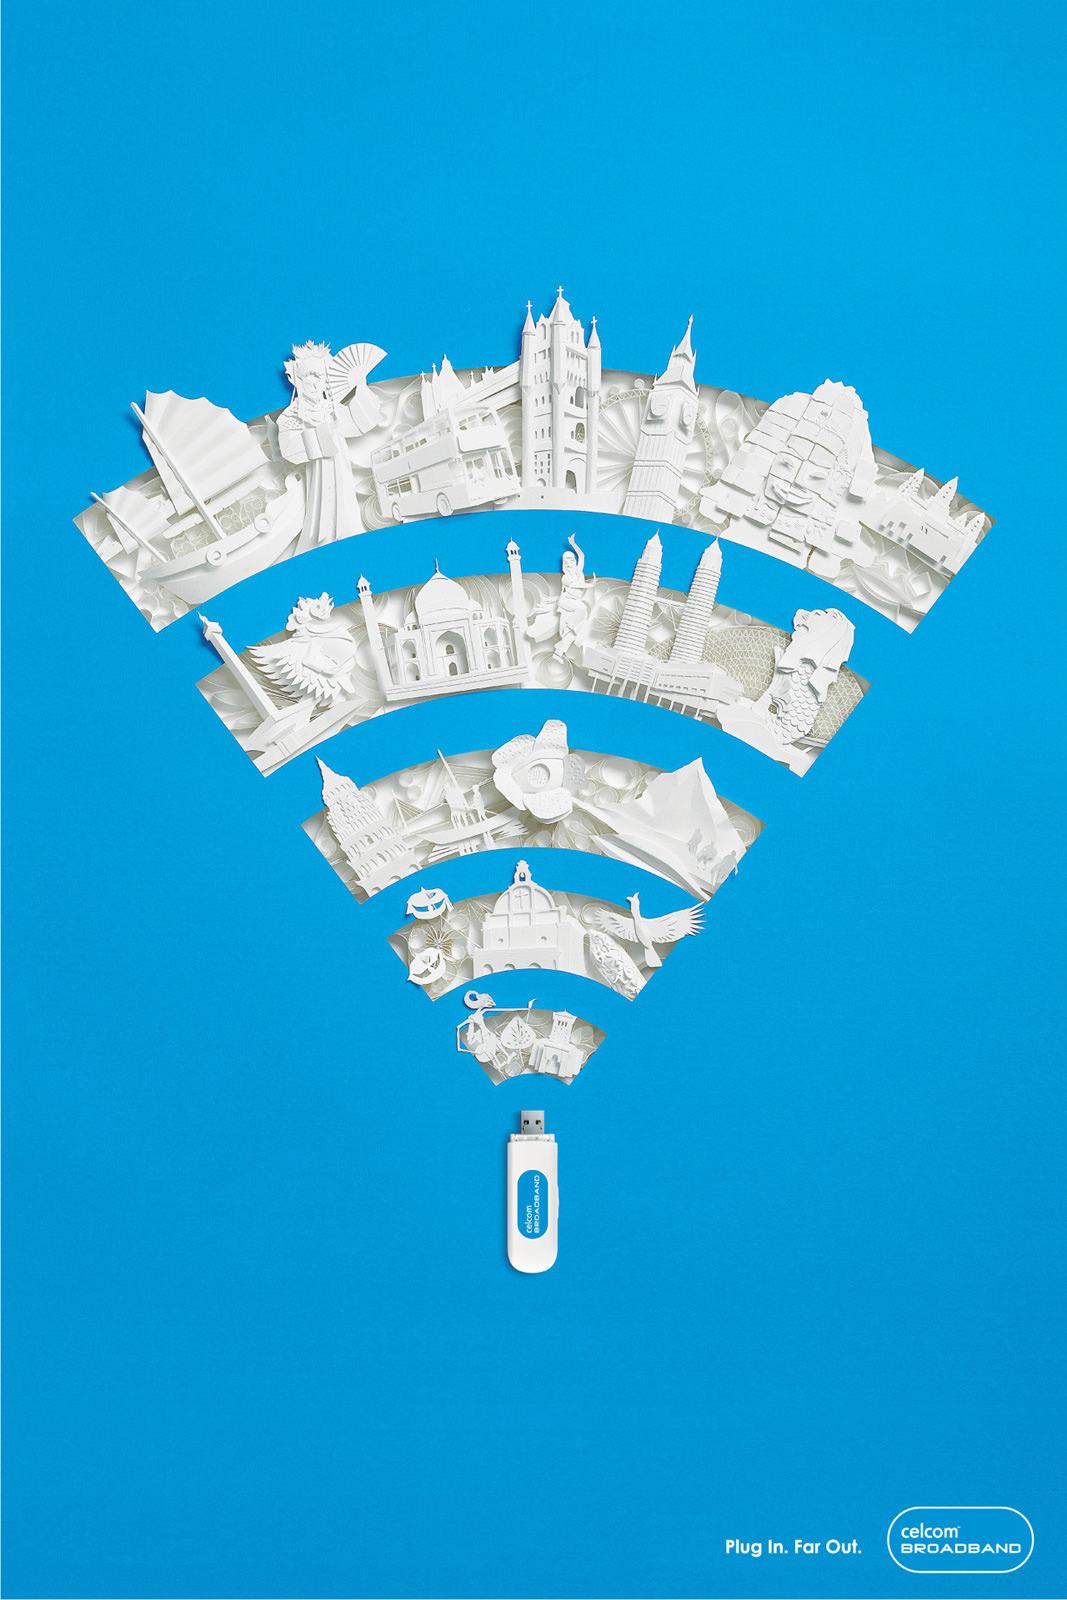 broadband_coverage_mini_mini